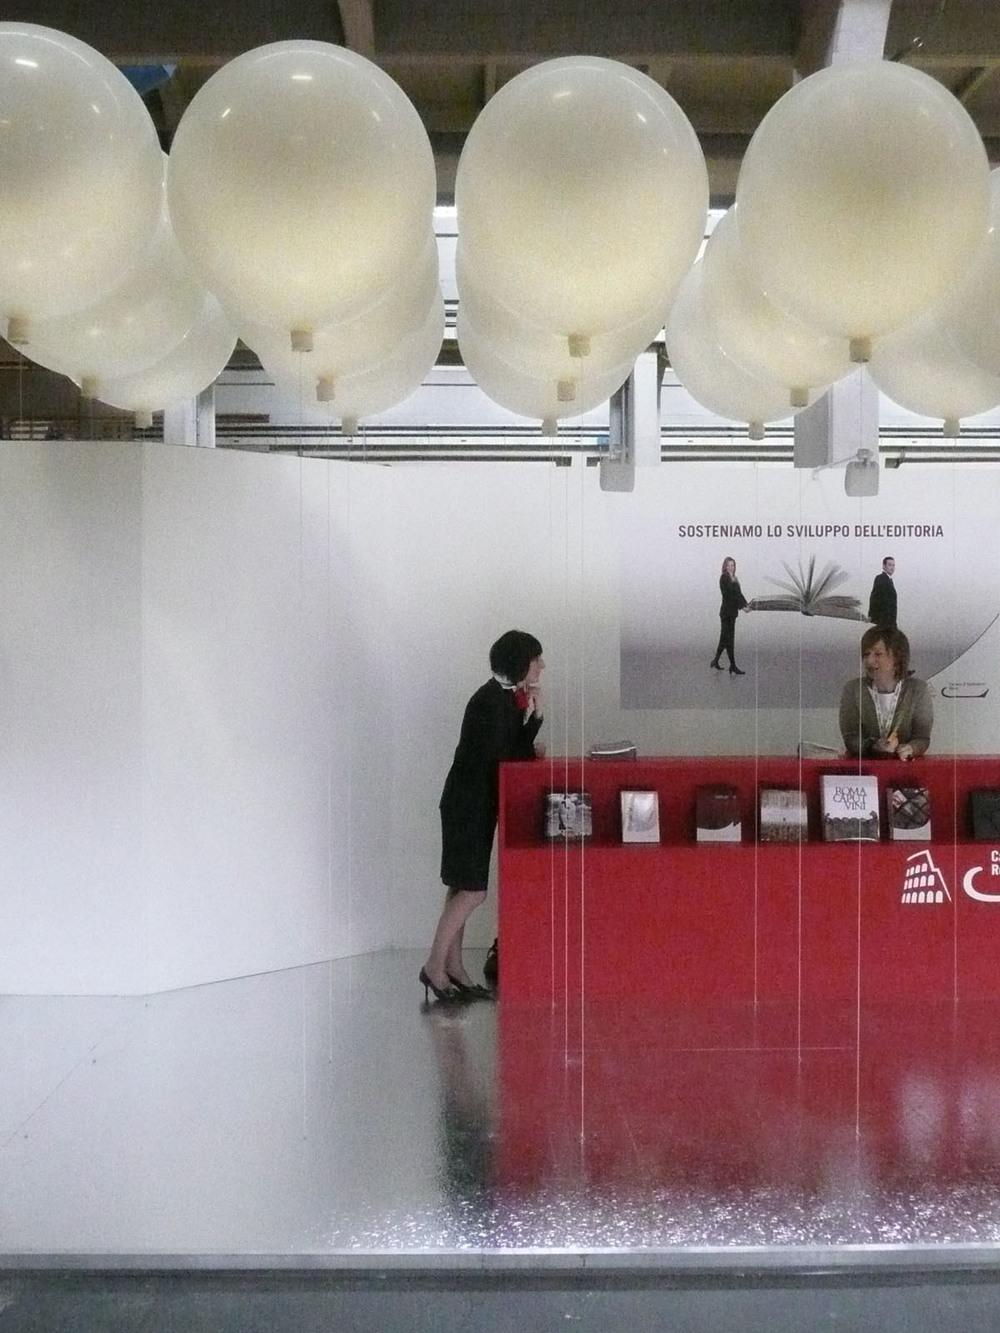 Vista frontale dell'allestimento, con il desk espositivo che si riflette sulla pavimentazione e il cielo di palloni sospesi.